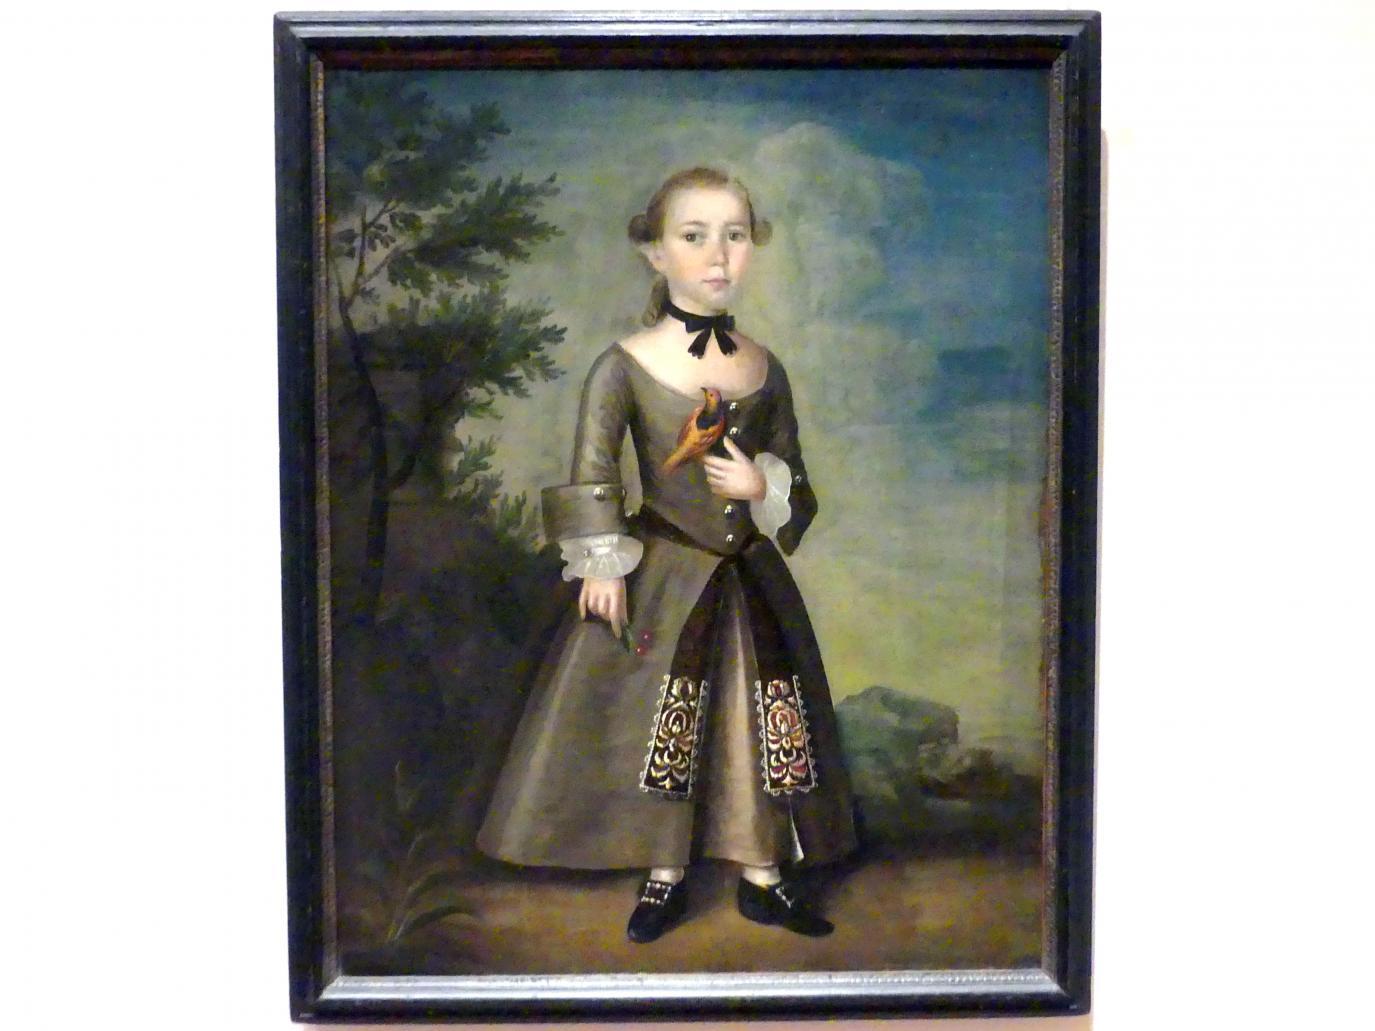 Joseph Badger: James Badger, 1760